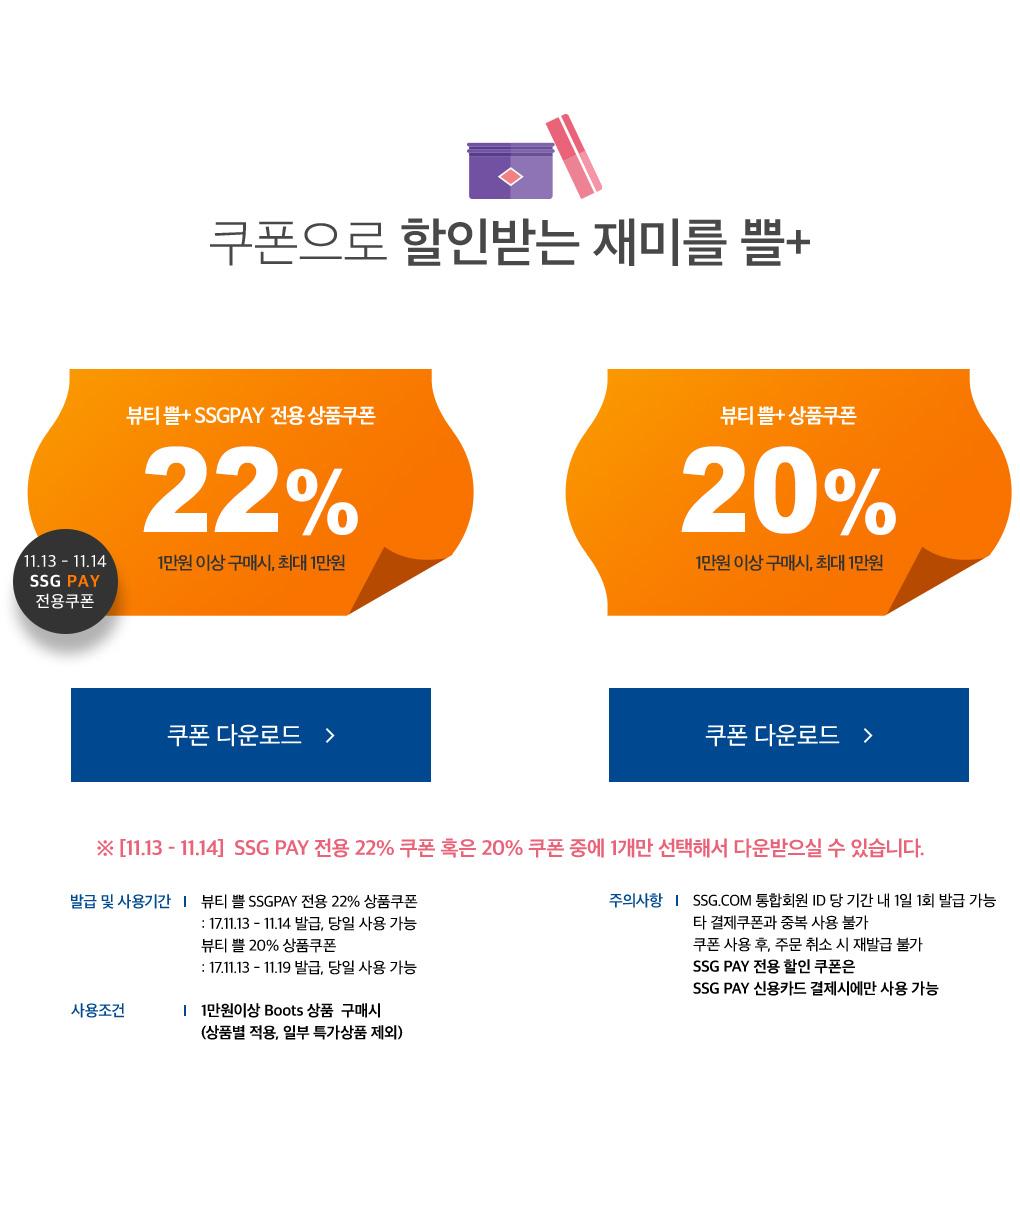 쿠폰으로 할인받는 재미를 쁠+ [11/13~14]  SSG PAY 전용 22% 쿠폰 혹은 20% 쿠폰 중에 하루 1개만 선택해서 다운받으실 수 있습니다.